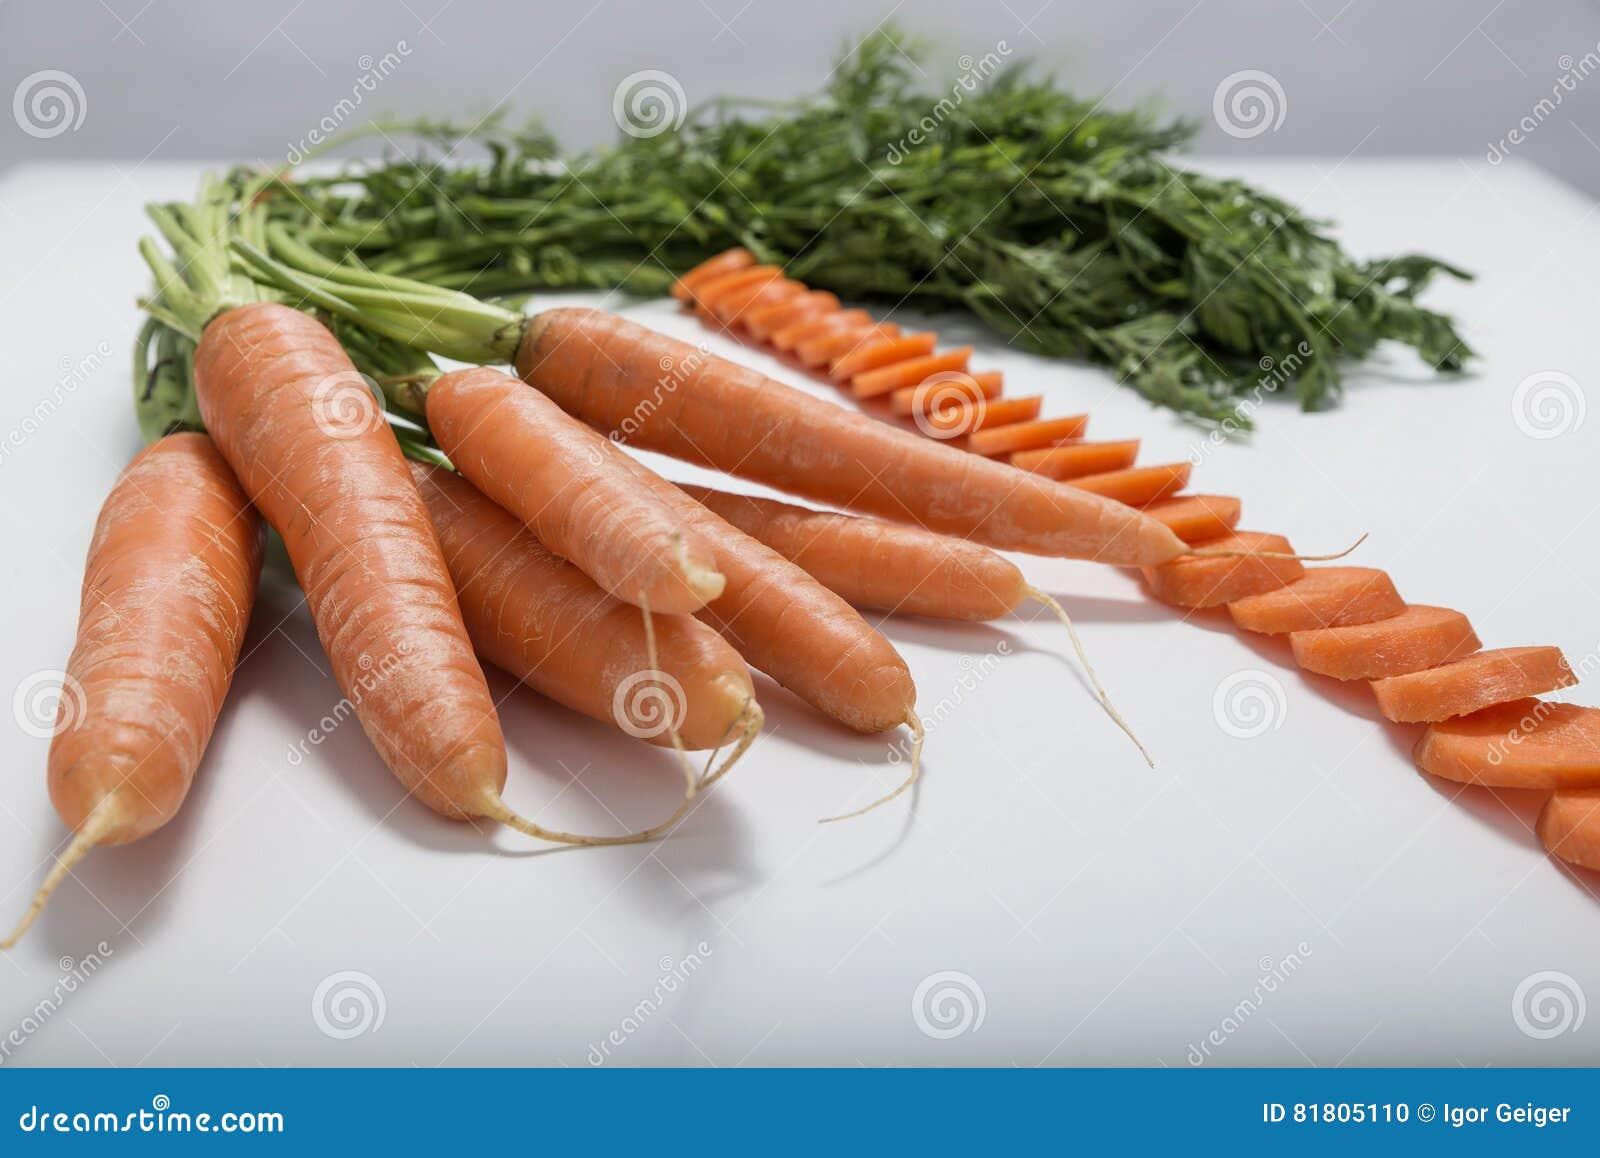 Свежая сочная оранжевая морковь